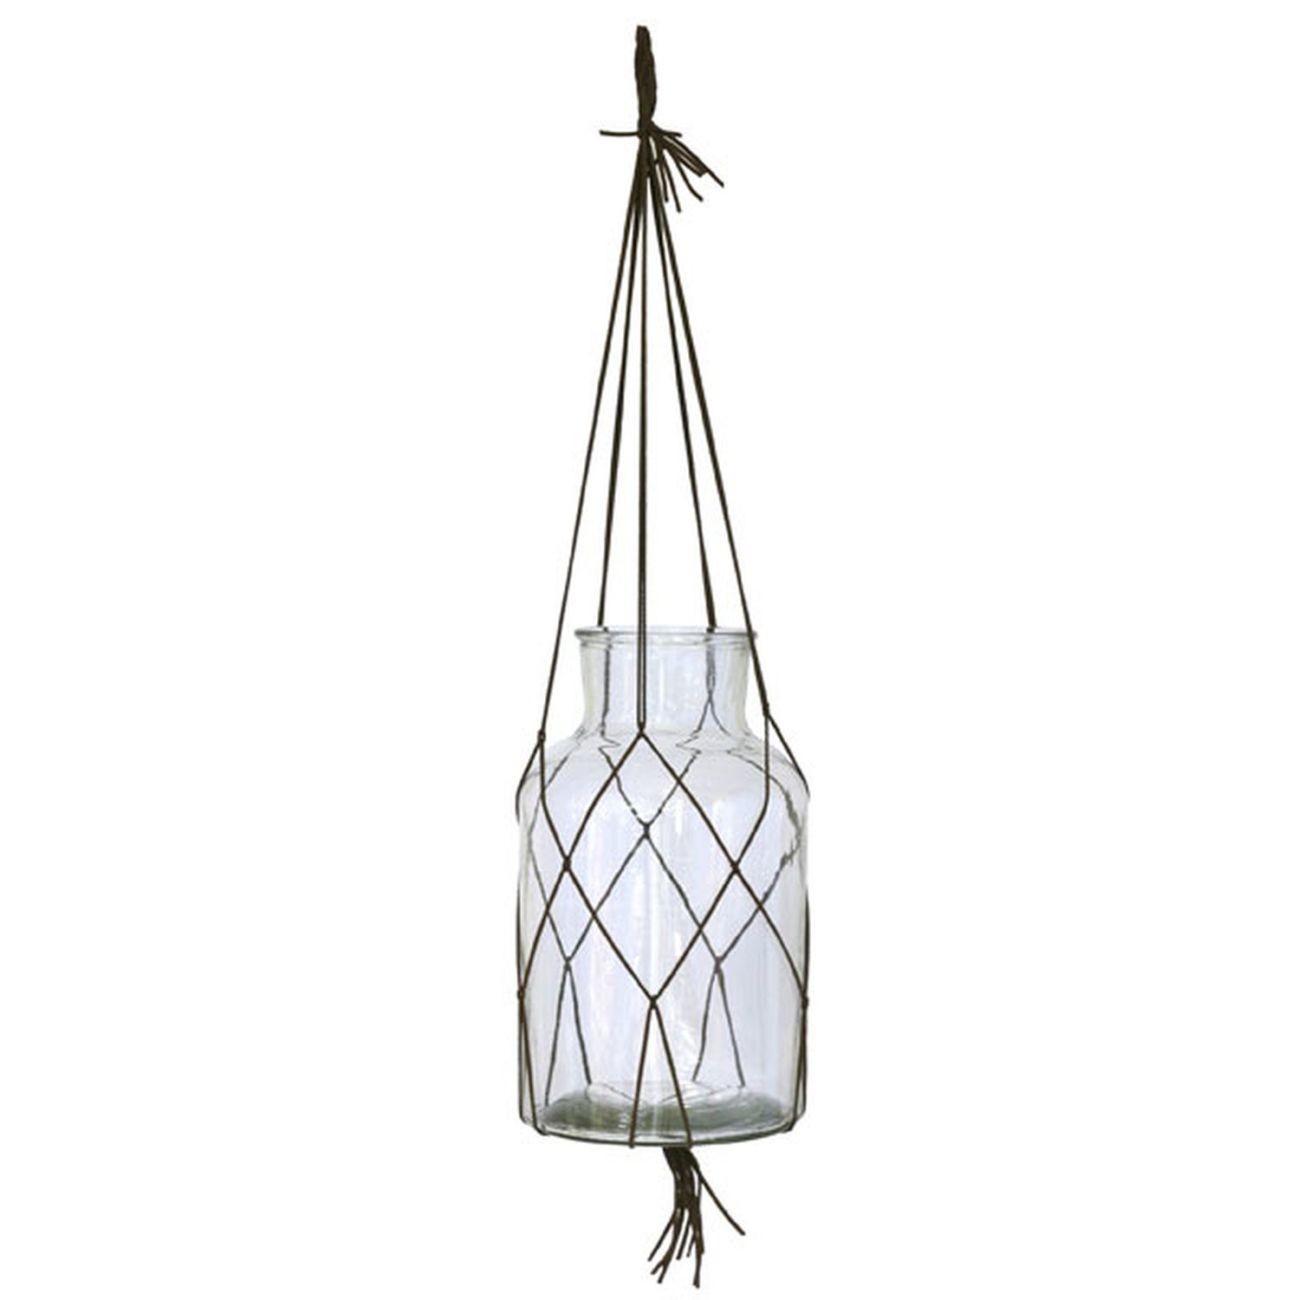 HK living hanging glass Vase hängend - L